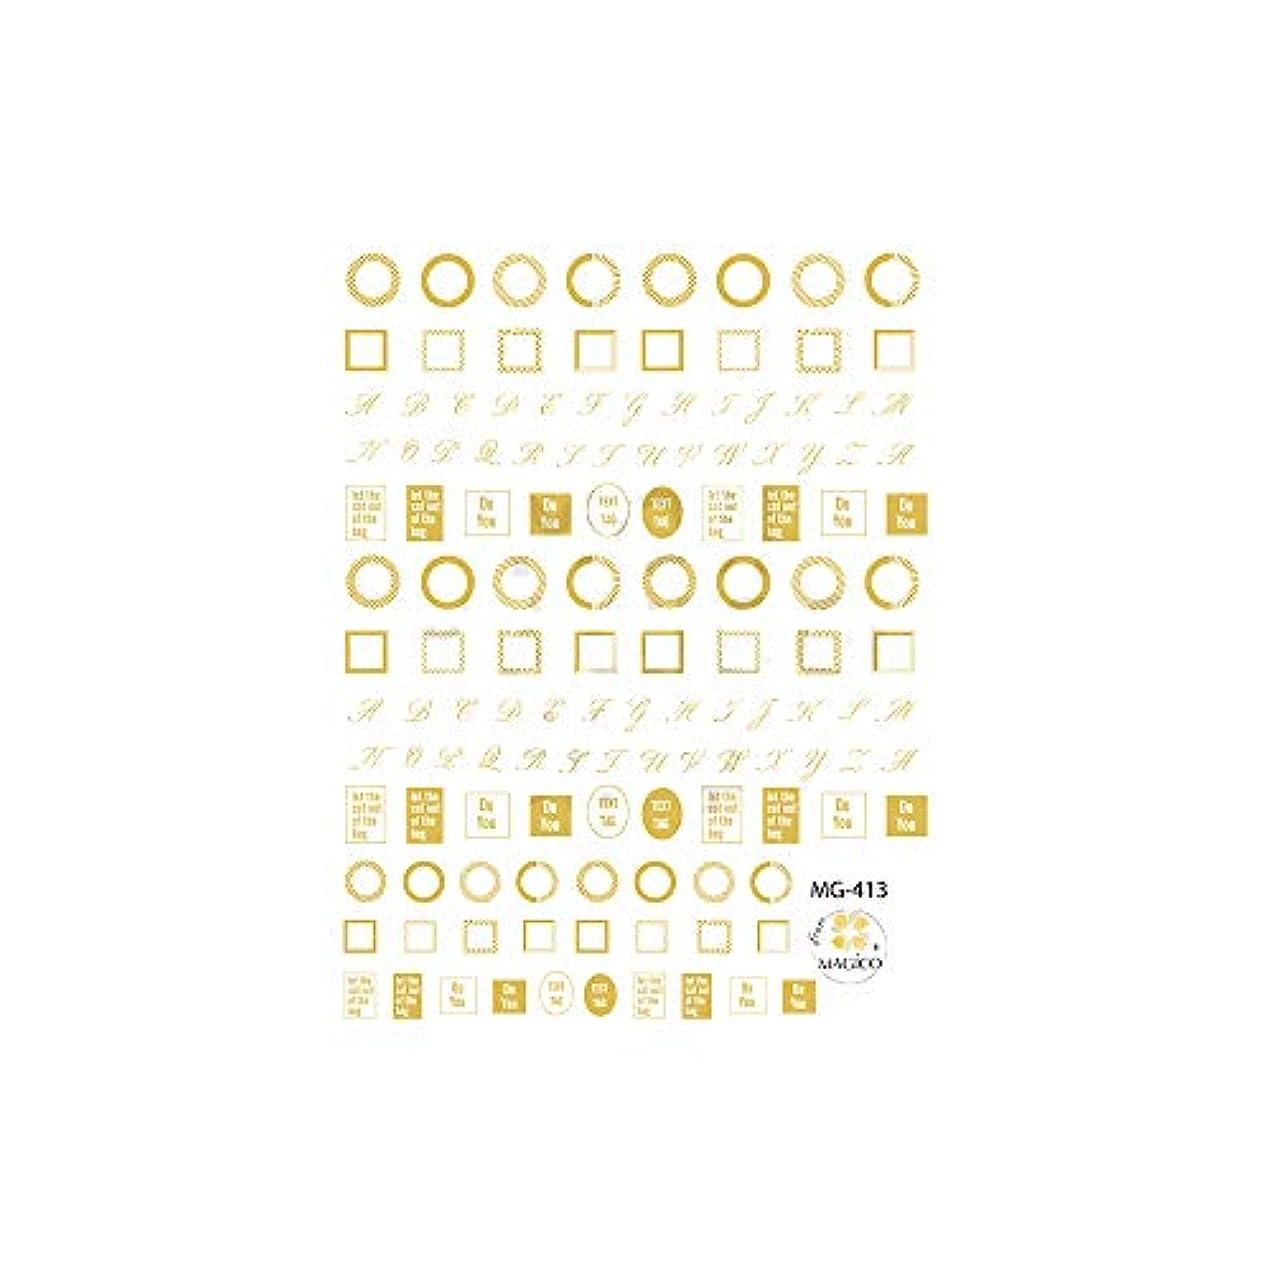 お祝い気付く創造irogel イロジェル ネイルシール フレーム&タグシール【MG-413】MAGICO ゴールド